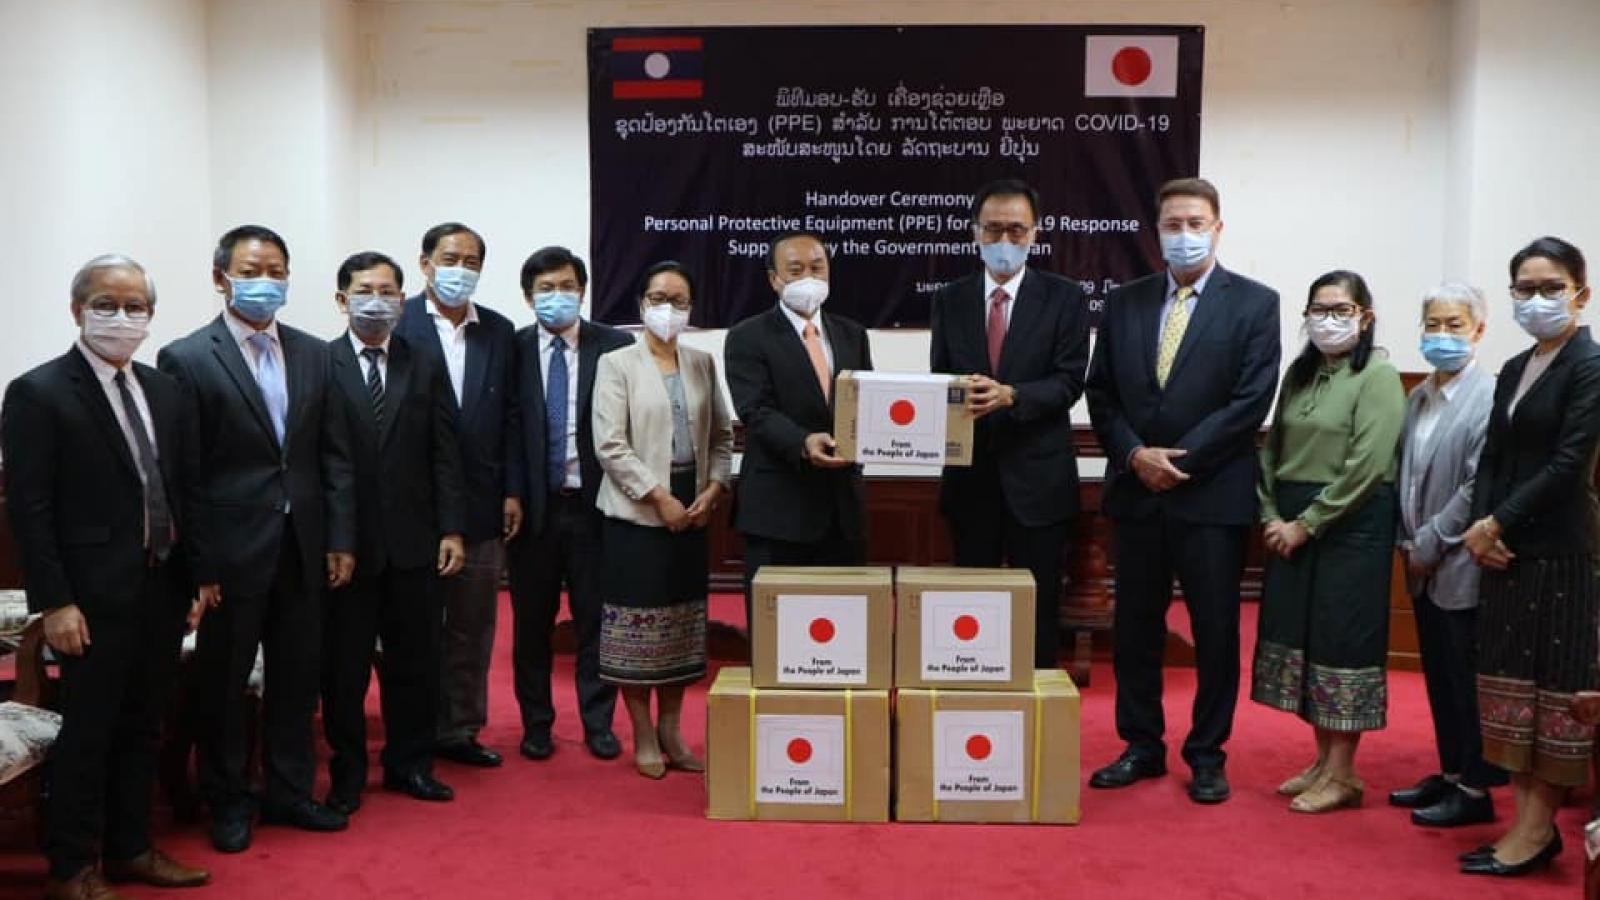 Lào tiếp tục nhận hỗ trợ quốc tế cho nỗ lực phòng chống dịch Covid-19